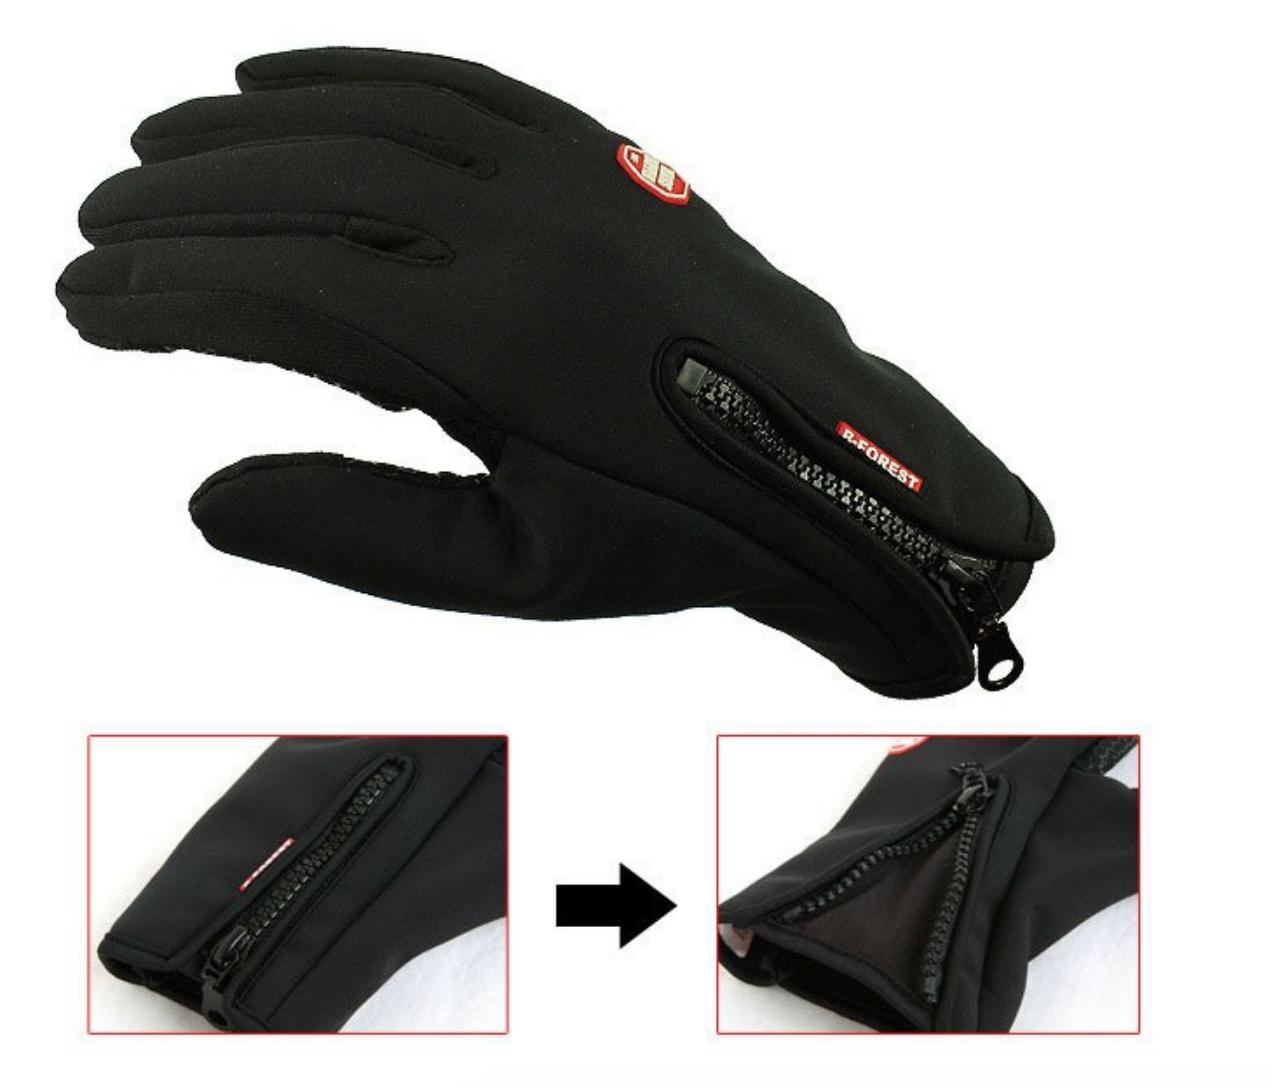 Trời rét cóng, mua găng tay cảm ứng để tha hồ dùng điện thoại mà không lo lạnh tay - Ảnh 3.